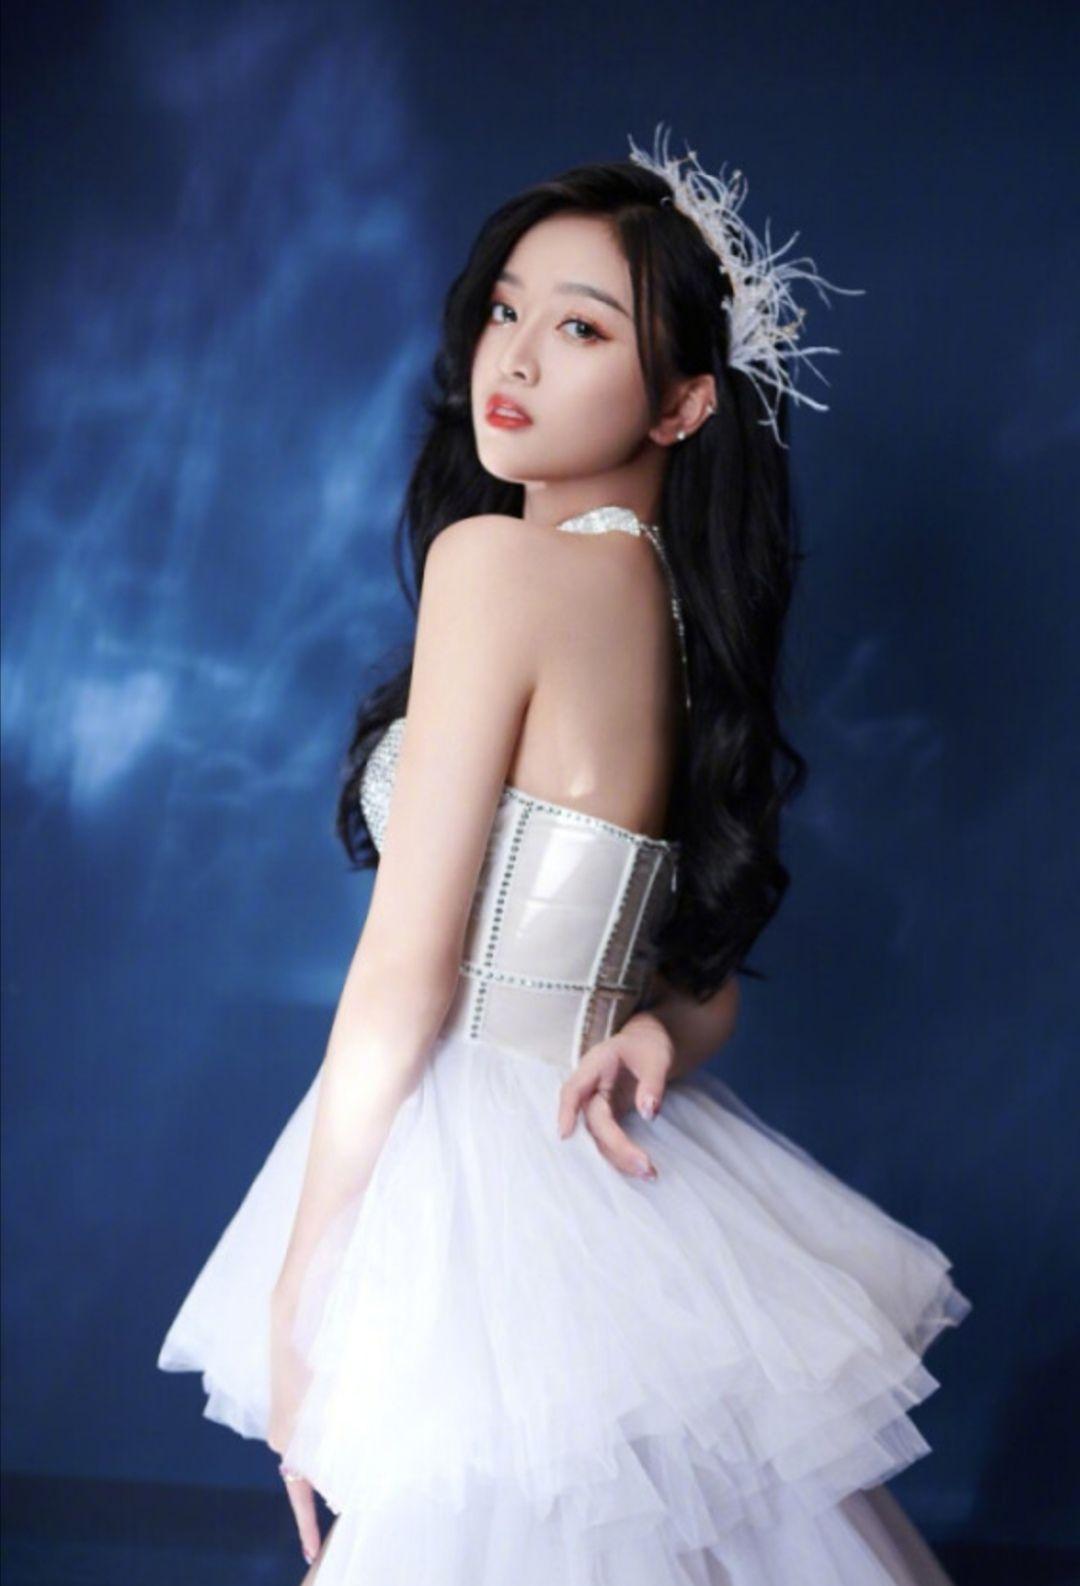 明星吴宣仪,穿洁白露肩晚礼裙夜拍,如公主般美丽(合适做墙纸)